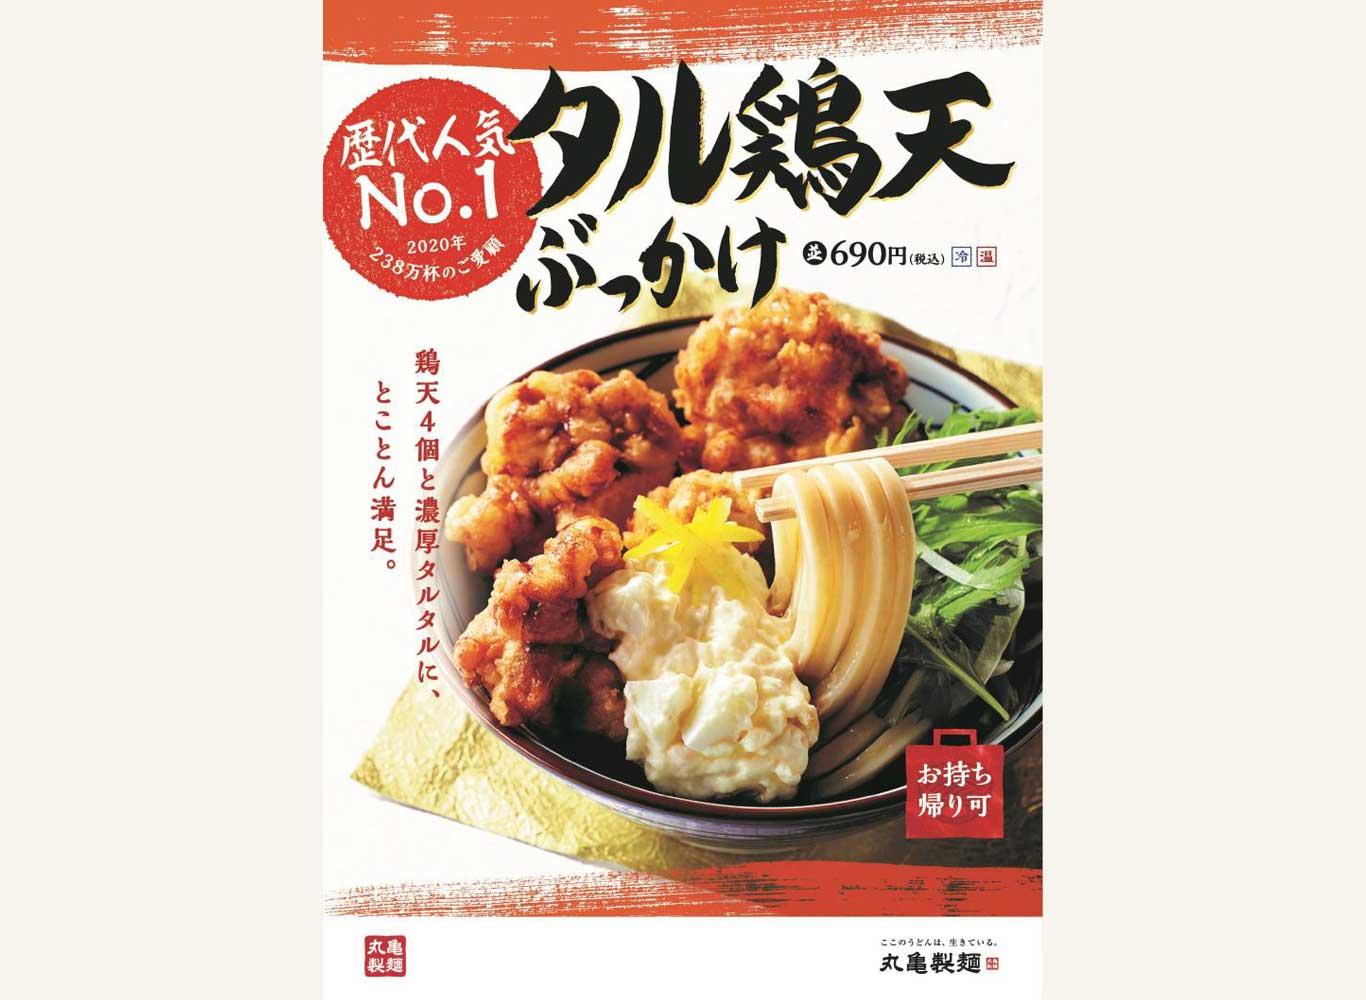 丸亀製麺のタル鶏天ぶっかけうどんポスター